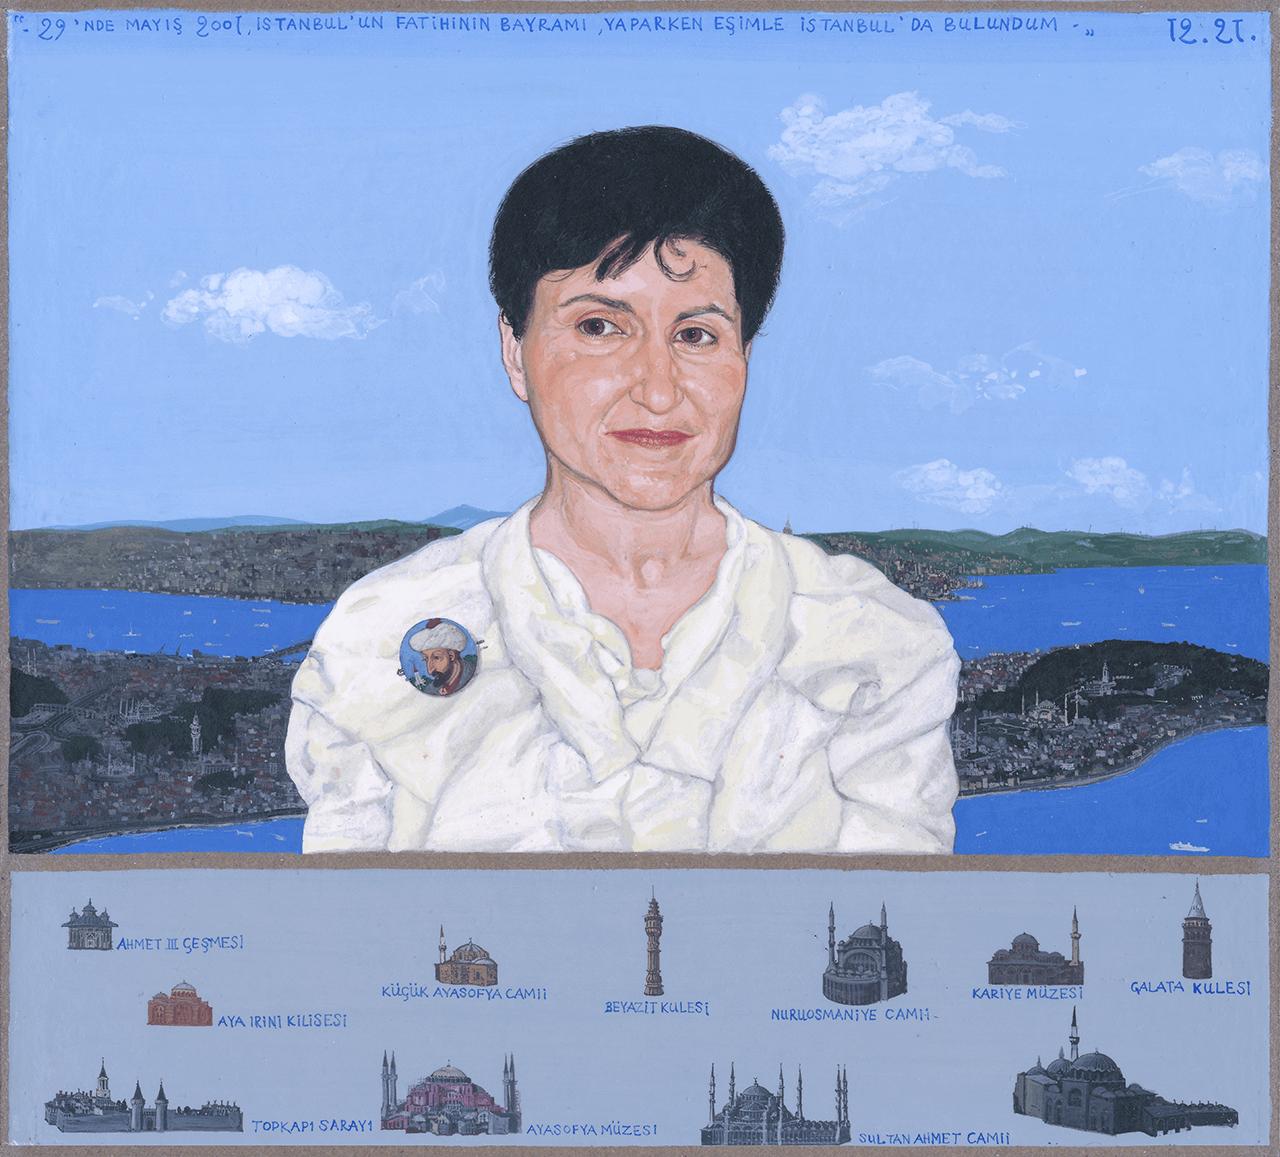 Πορτραίτο Ε.Χ. στην Κωνσταντινούπολη, 2001, τέμπερα σε χαρτόνι, 22x24 εκ.